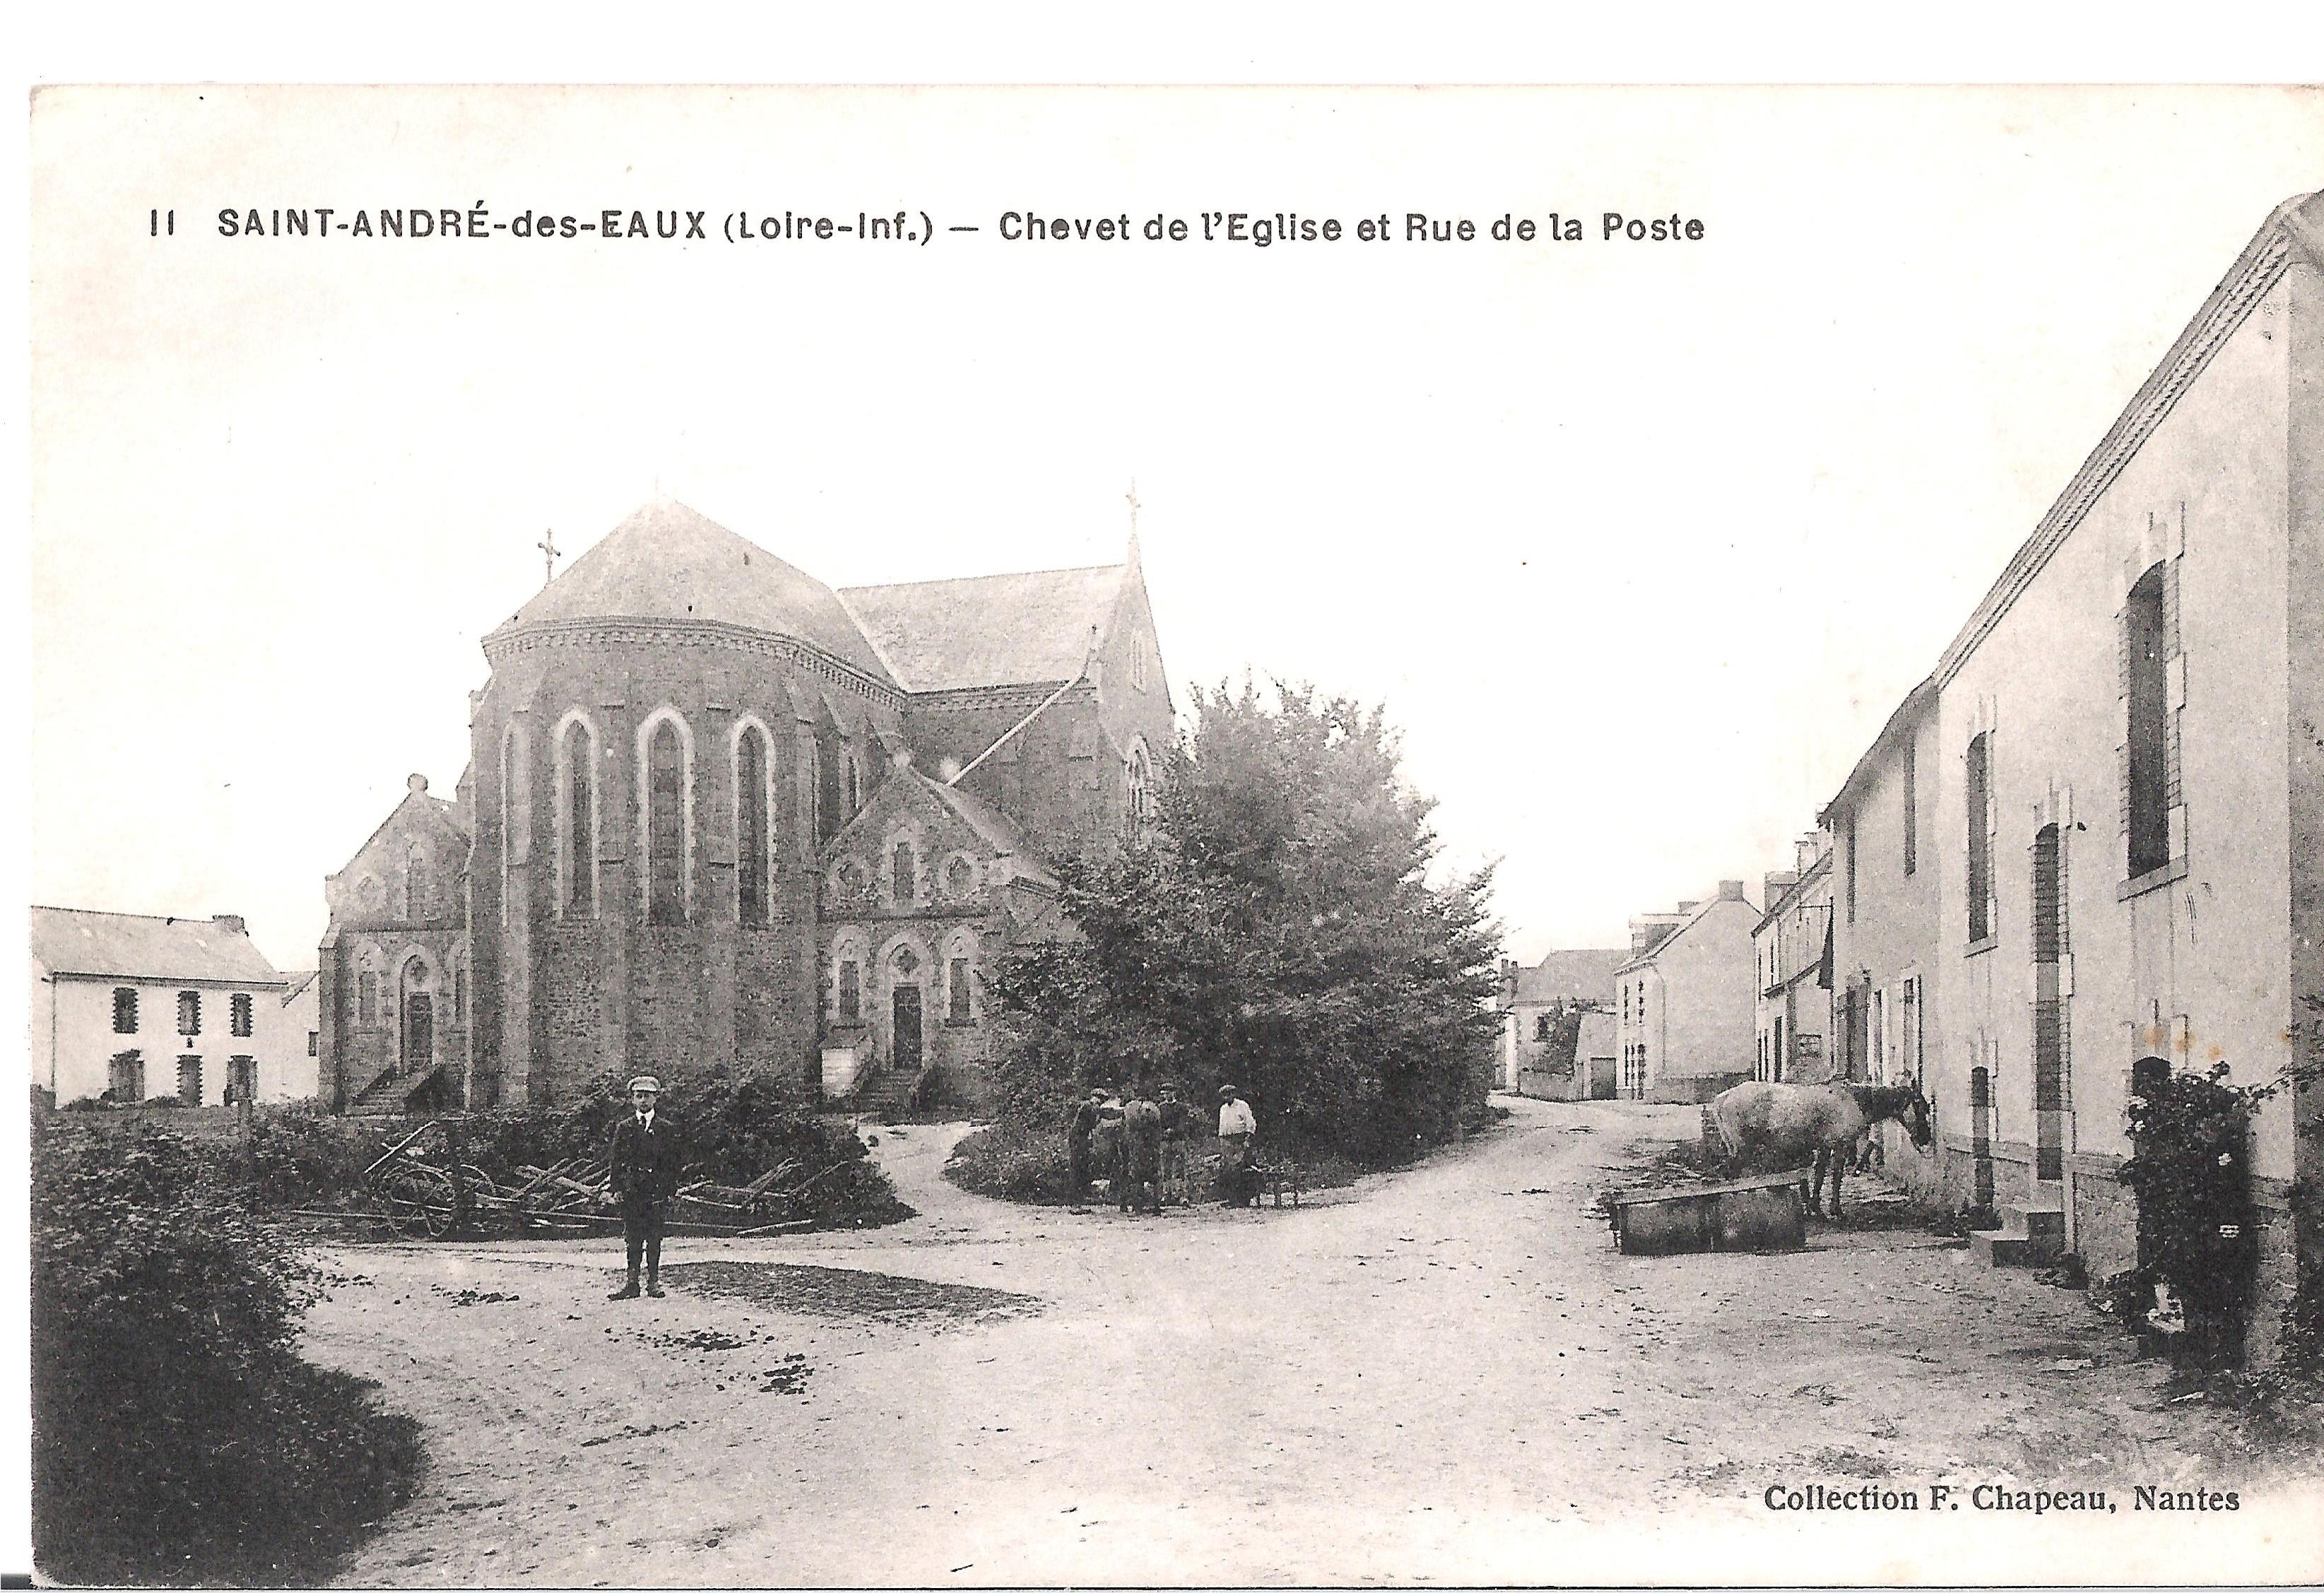 11 SAINT-ANDRE-des-EAUX - Chevet de l'Eglise et Rue de la Poste